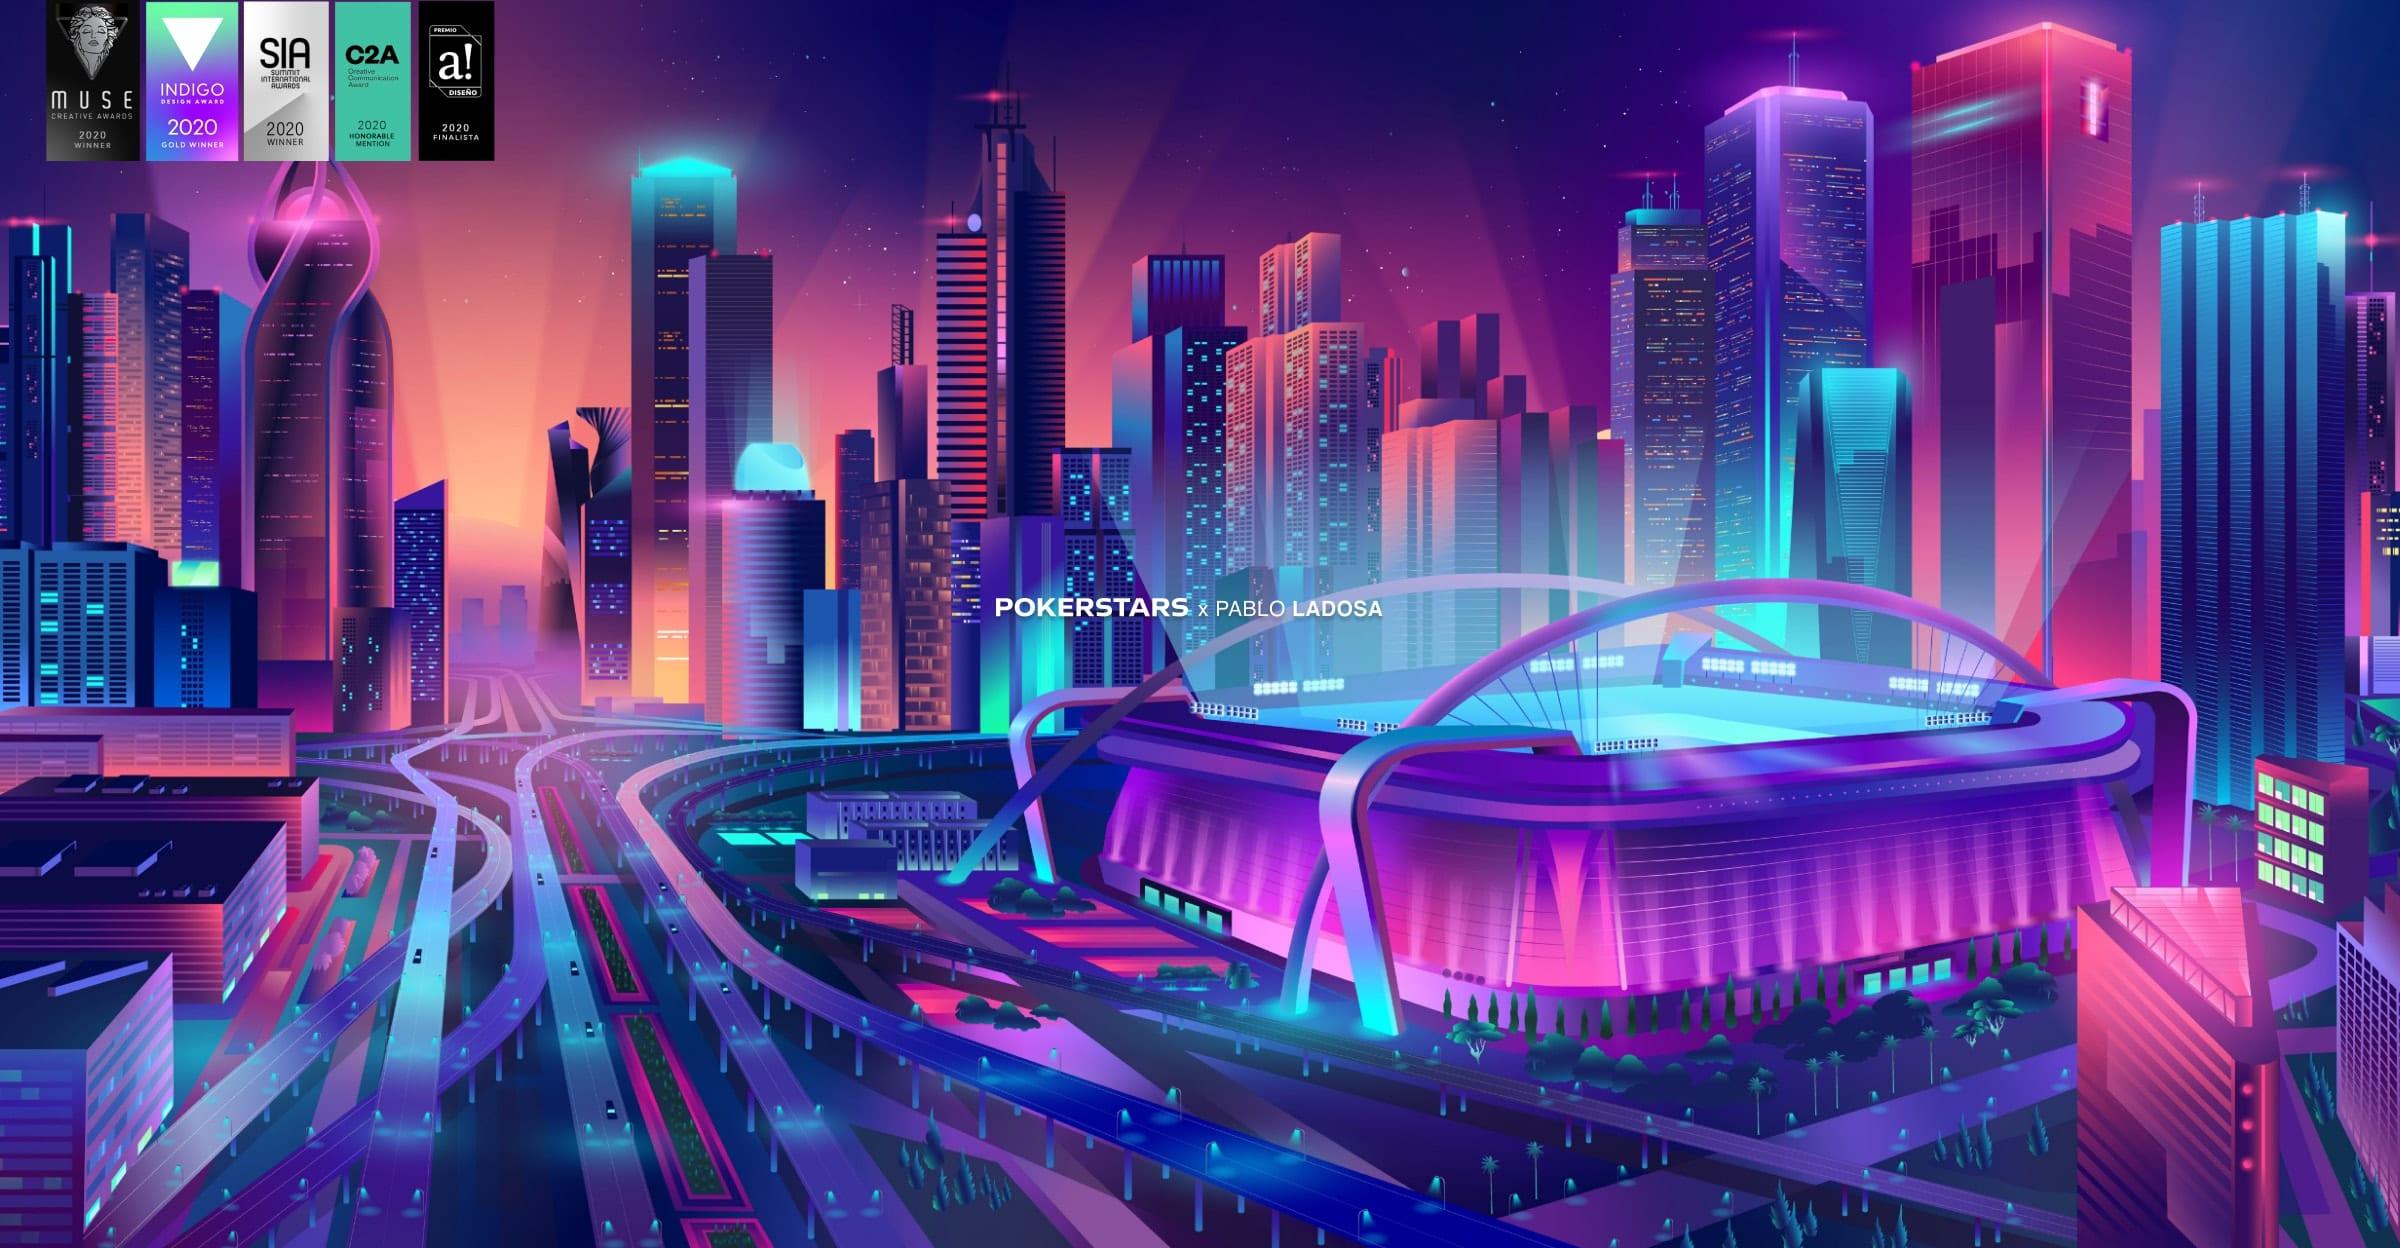 Stadium Panorama 360 VR